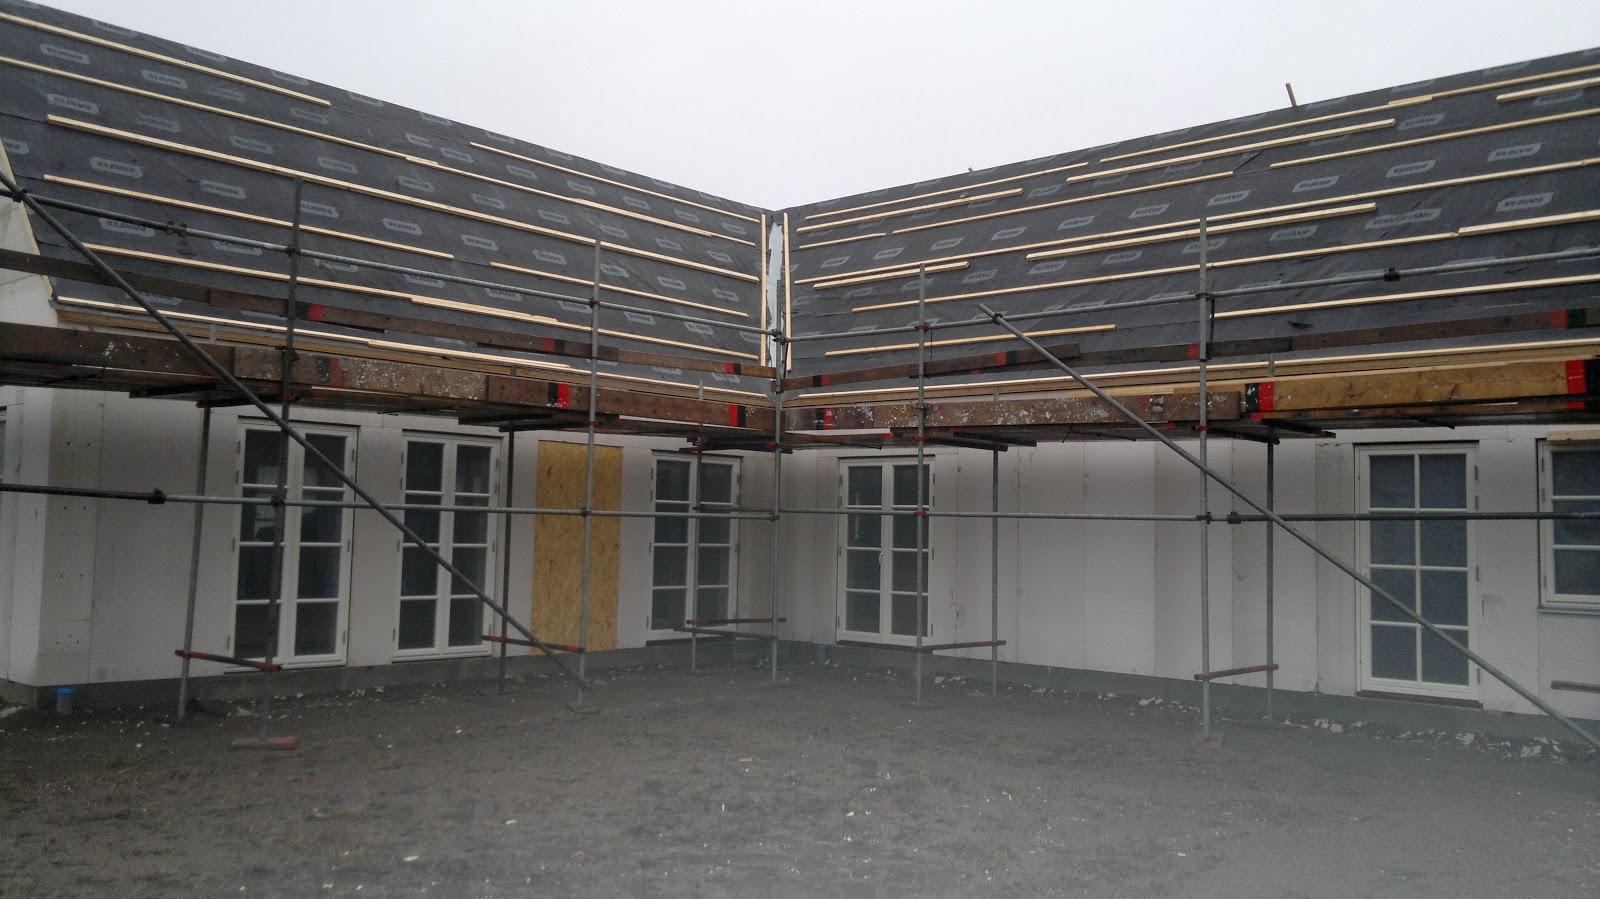 Bygga hus: december 2012